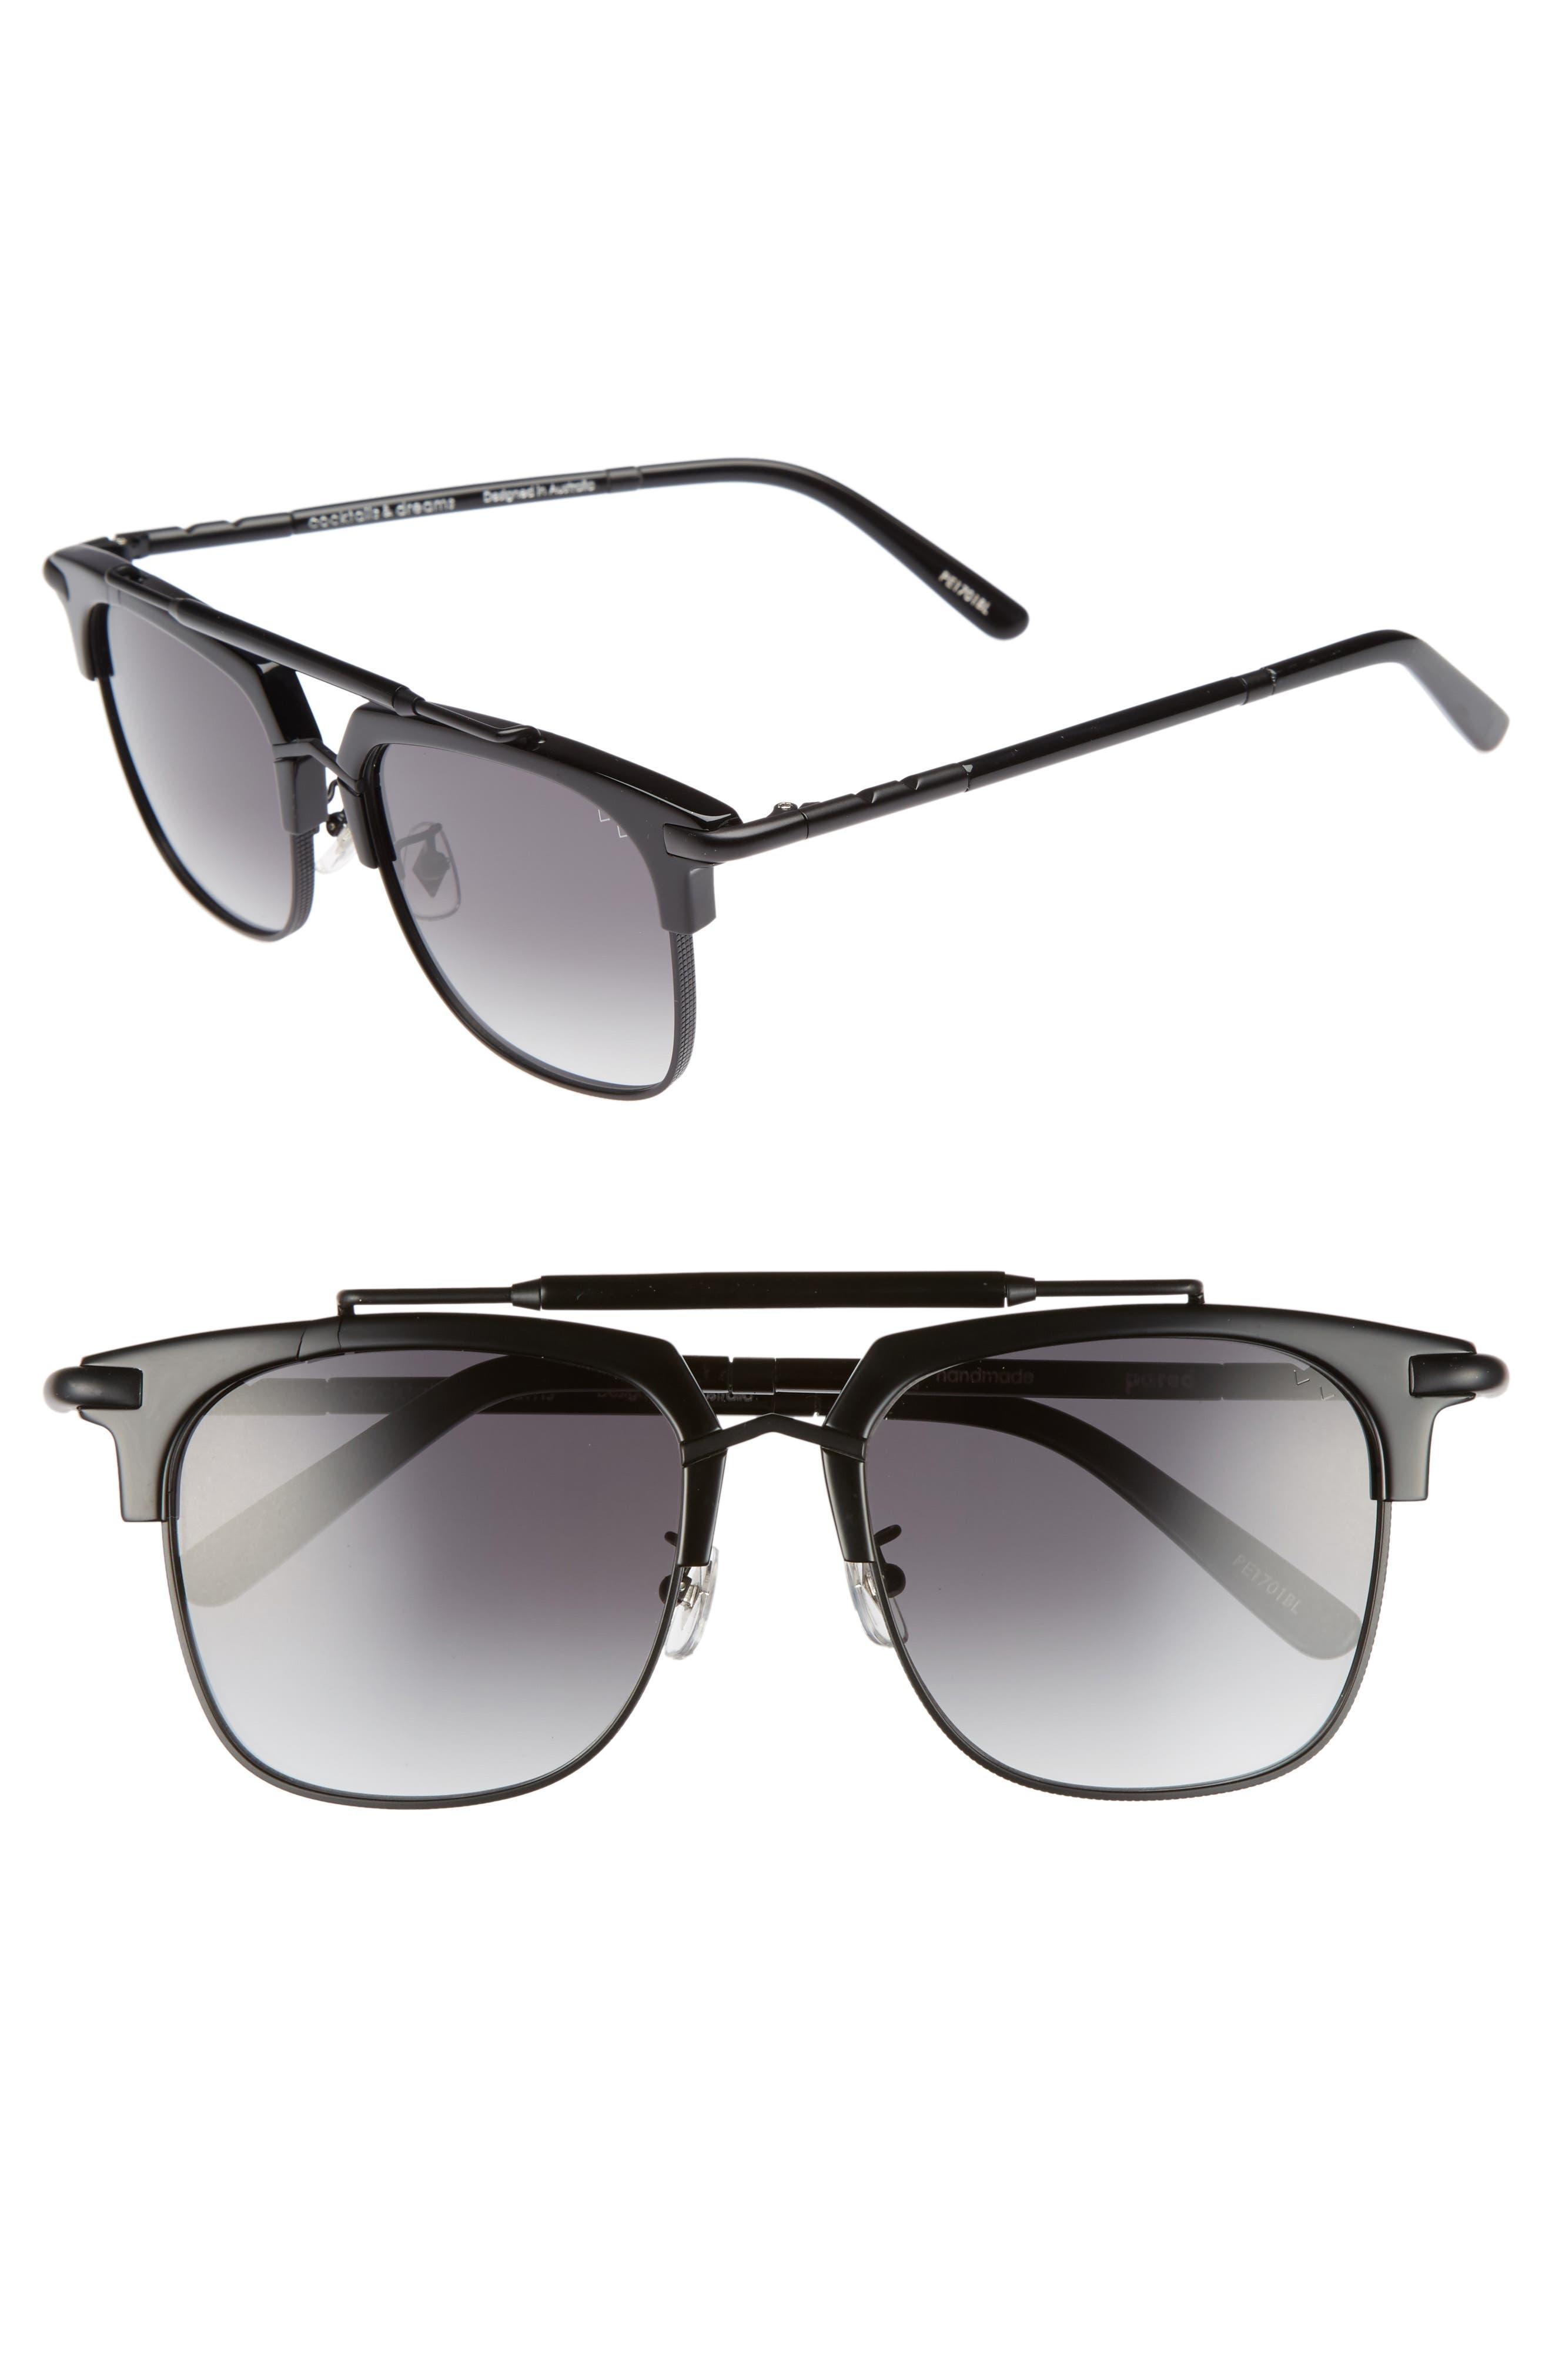 Cocktails & Dreams 53mm Sunglasses,                         Main,                         color, Black/ Matte Black/ Grey